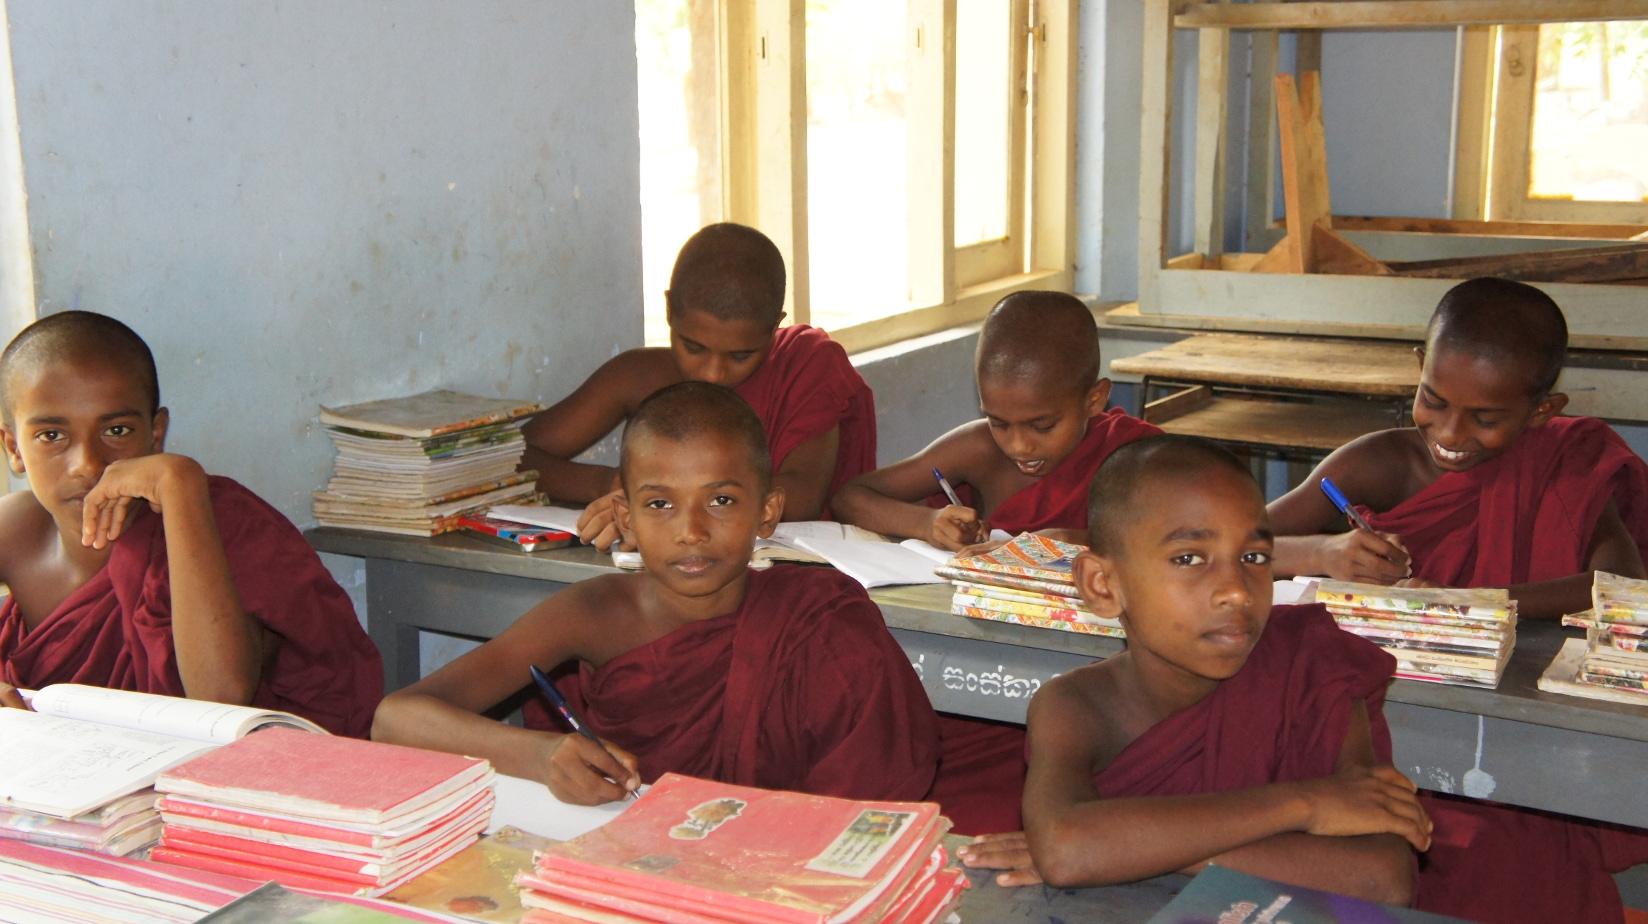 Jeden Tag lernen die Novizen über viele Stunden in Stille und hoher Konzentration